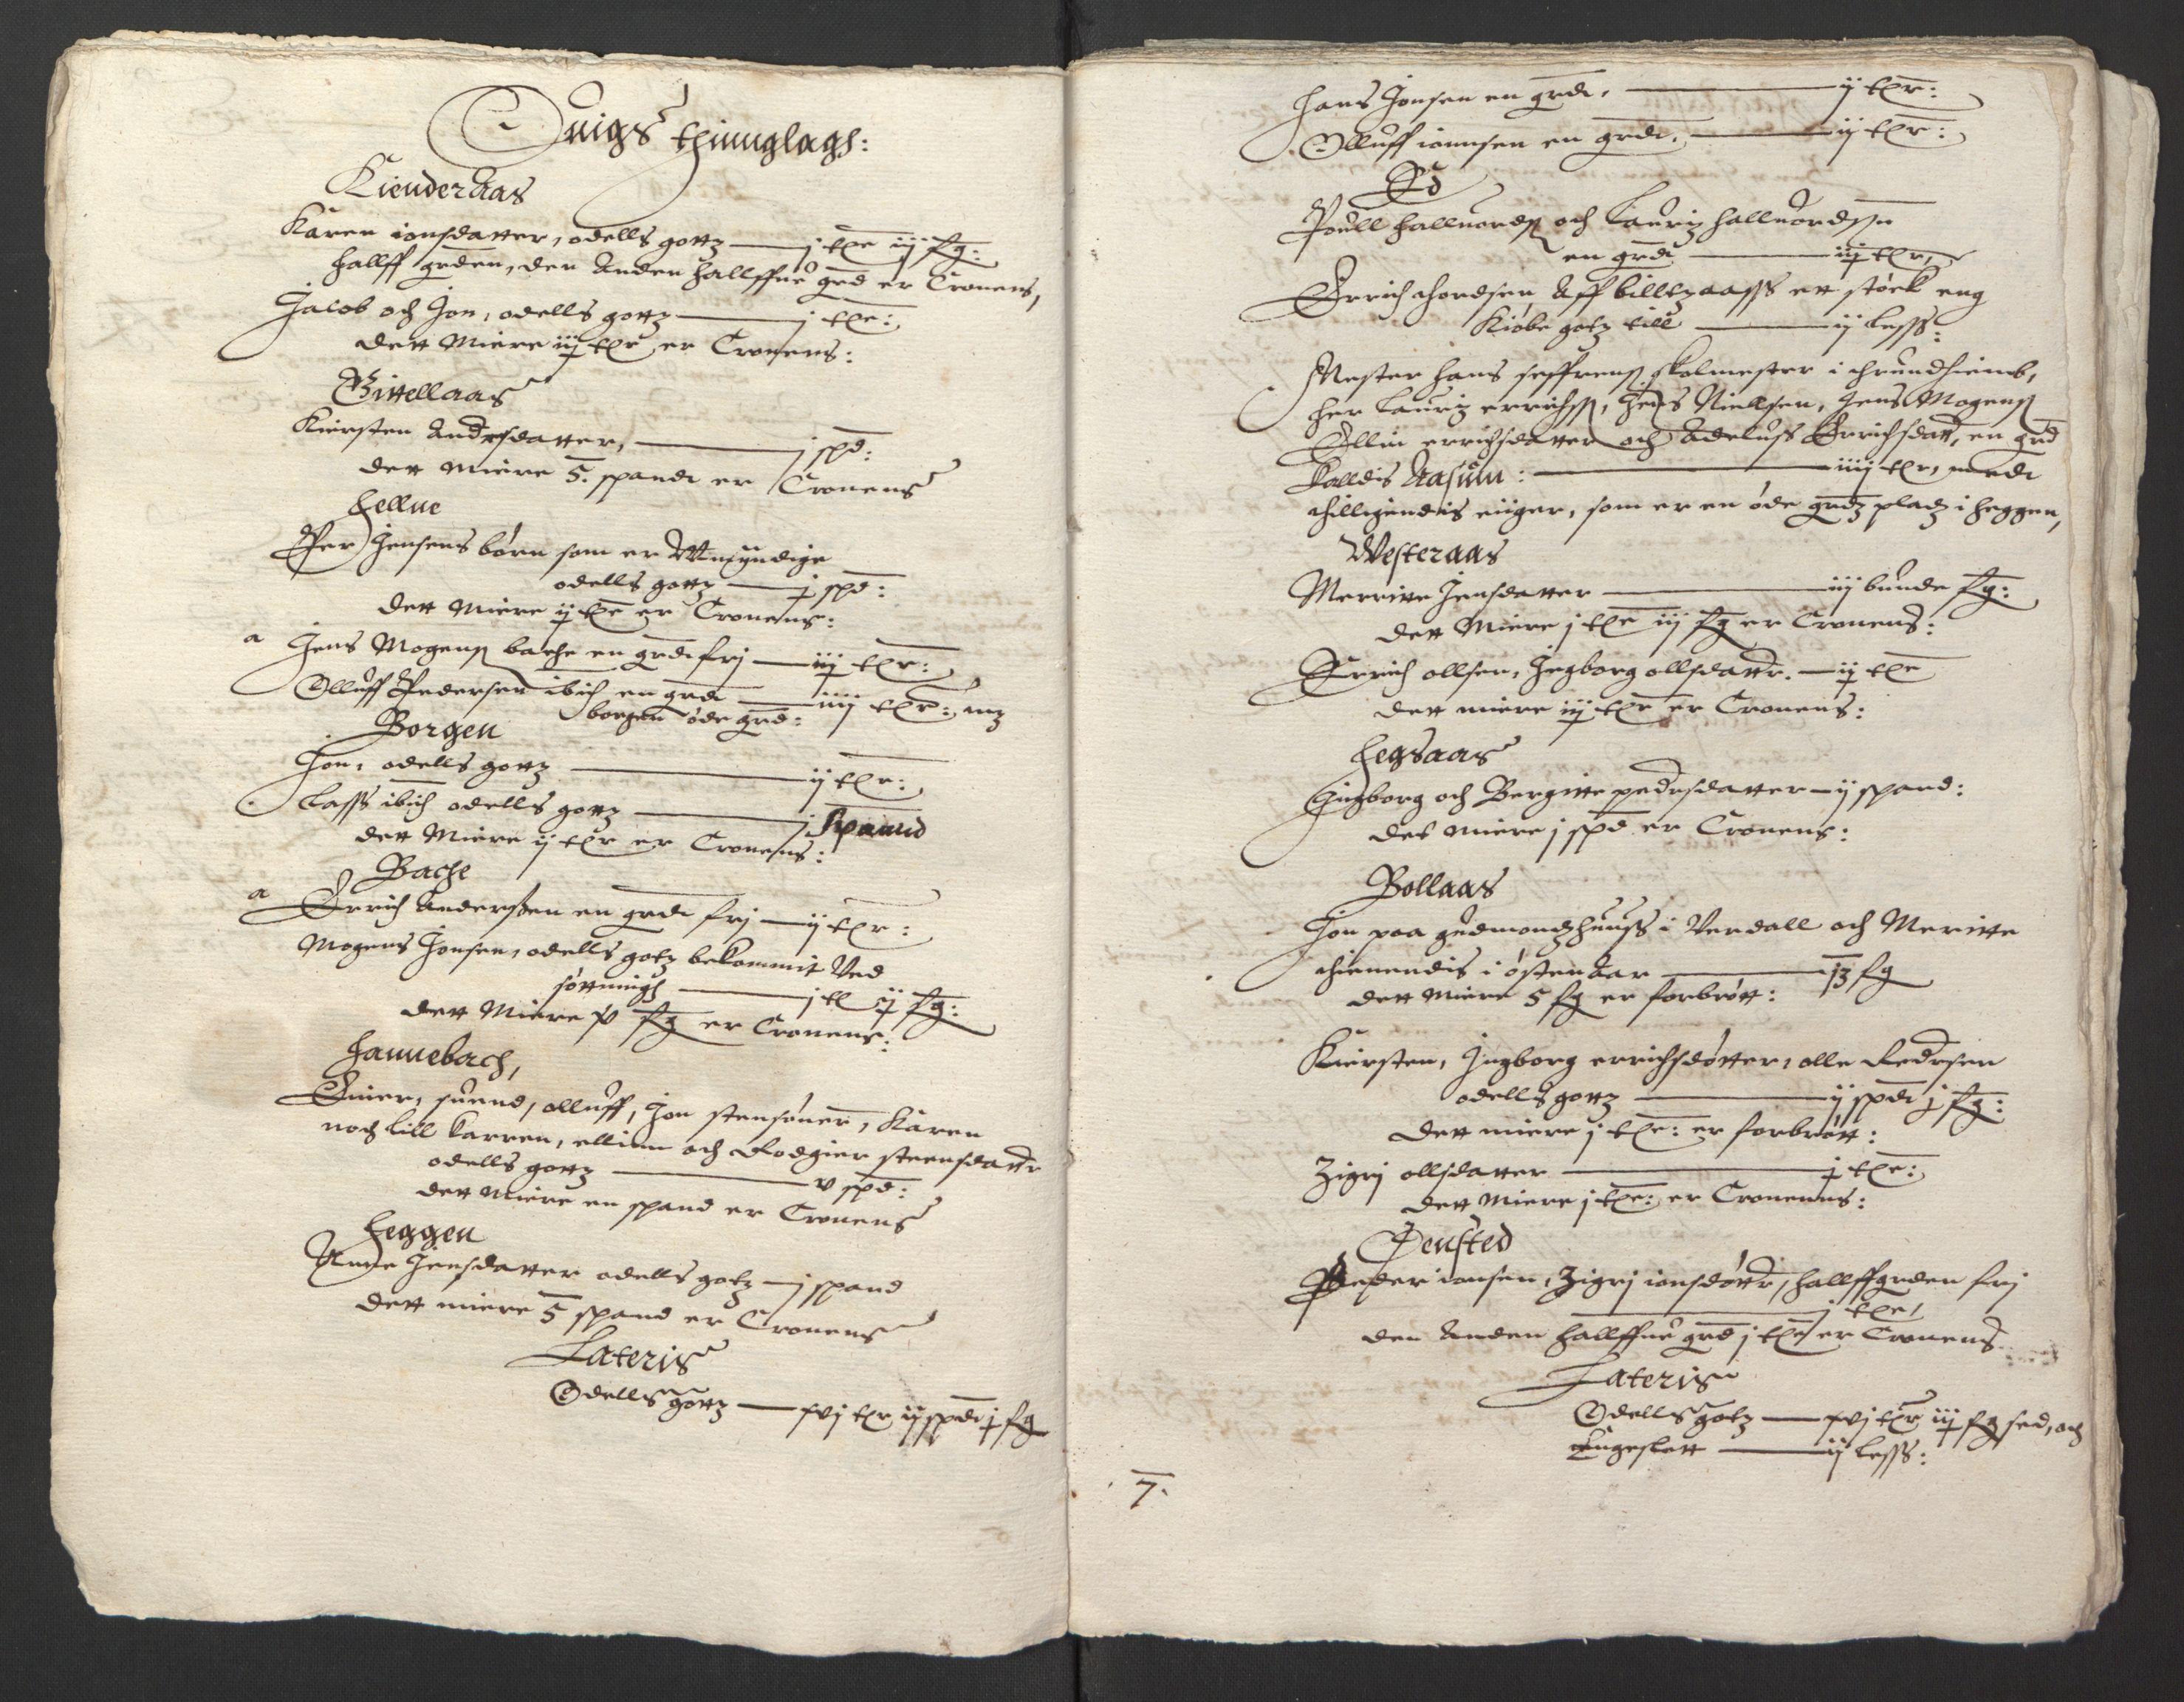 RA, Stattholderembetet 1572-1771, Ek/L0013: Jordebøker til utlikning av rosstjeneste 1624-1626:, 1624-1625, s. 102